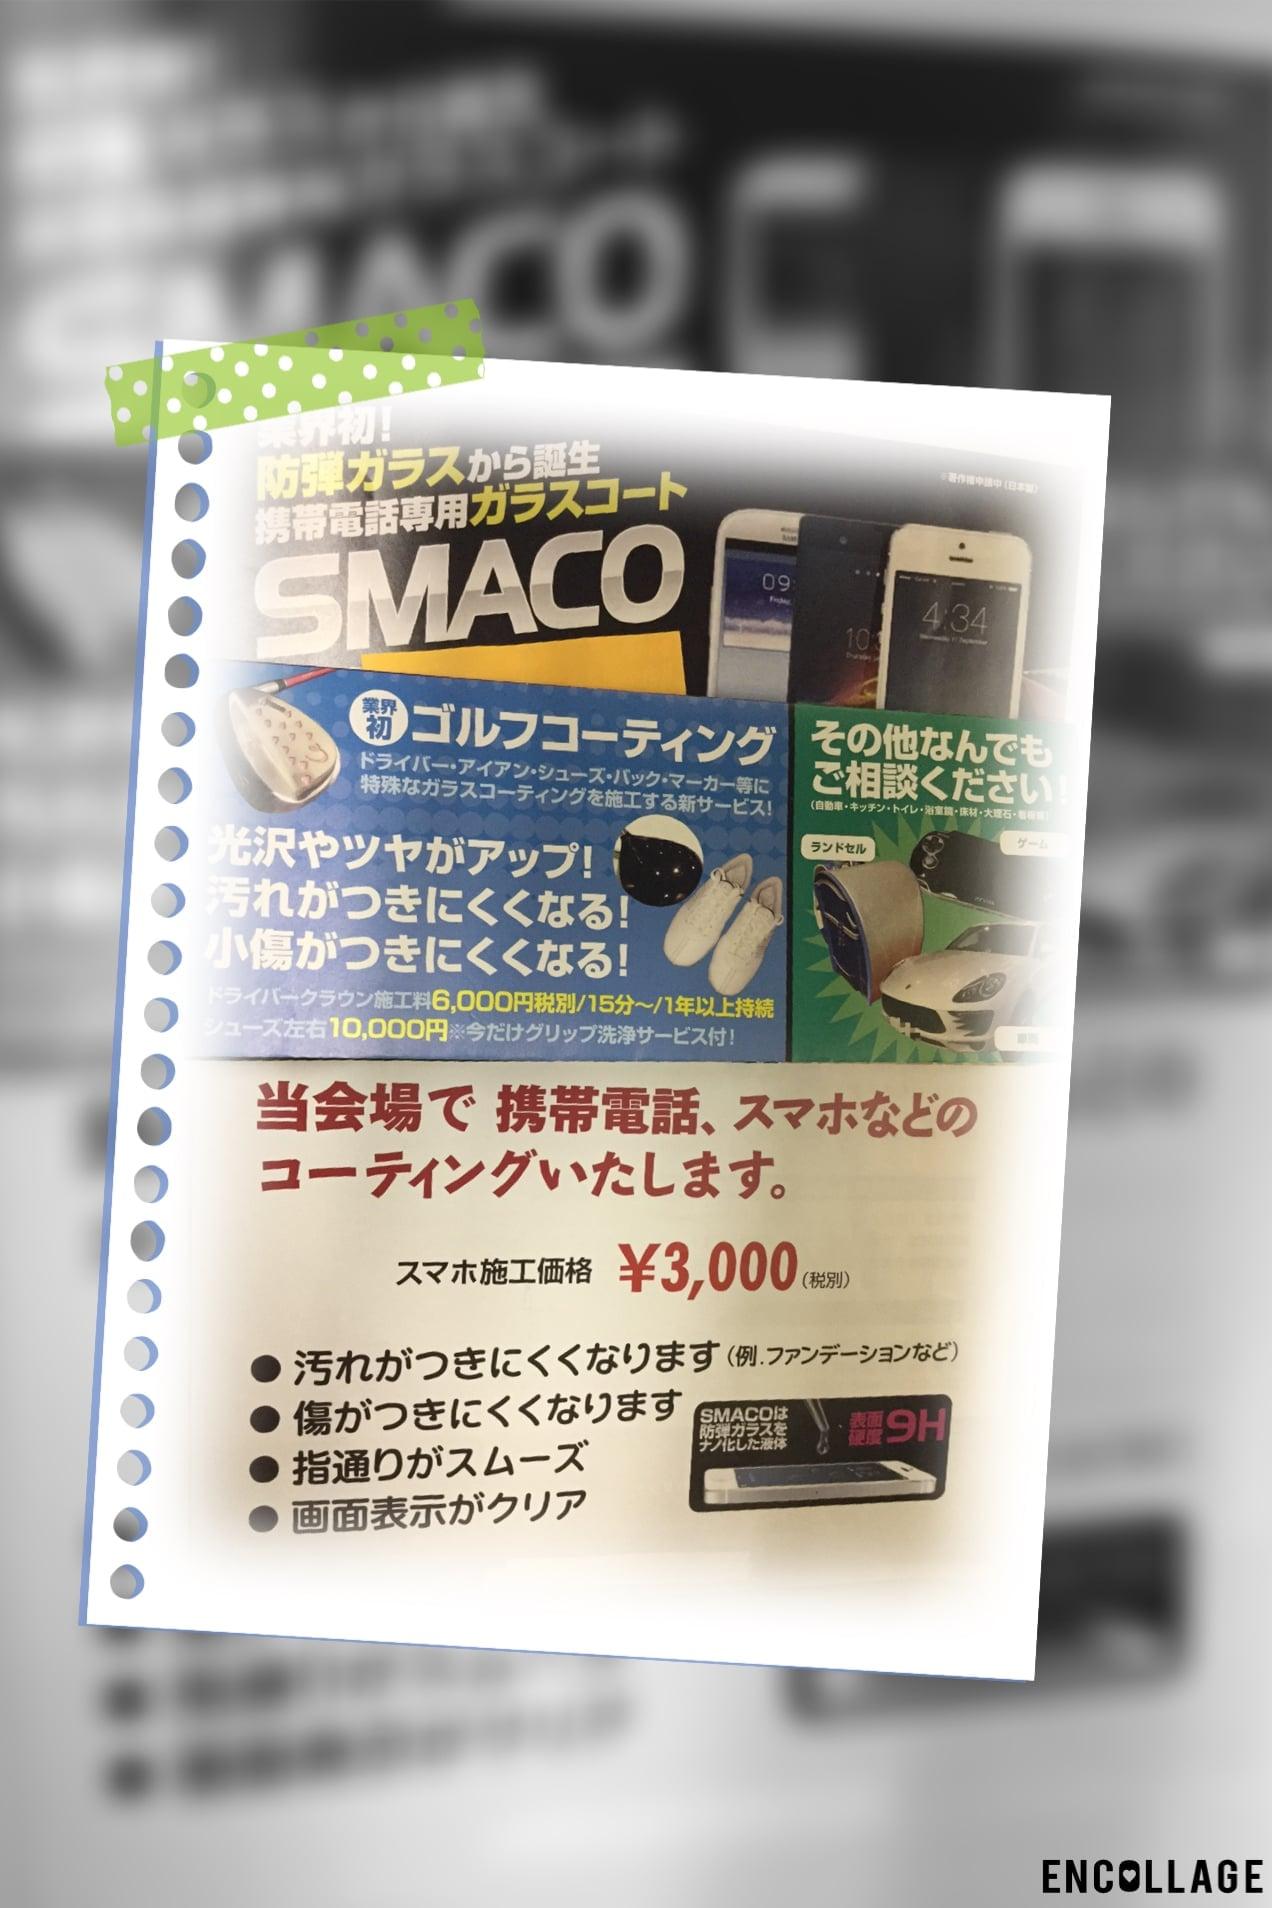 「SNSシェア&レビュー」で500円の現金キャッシュバック 片面 スマホガラスコーティングチケットのイメージその1